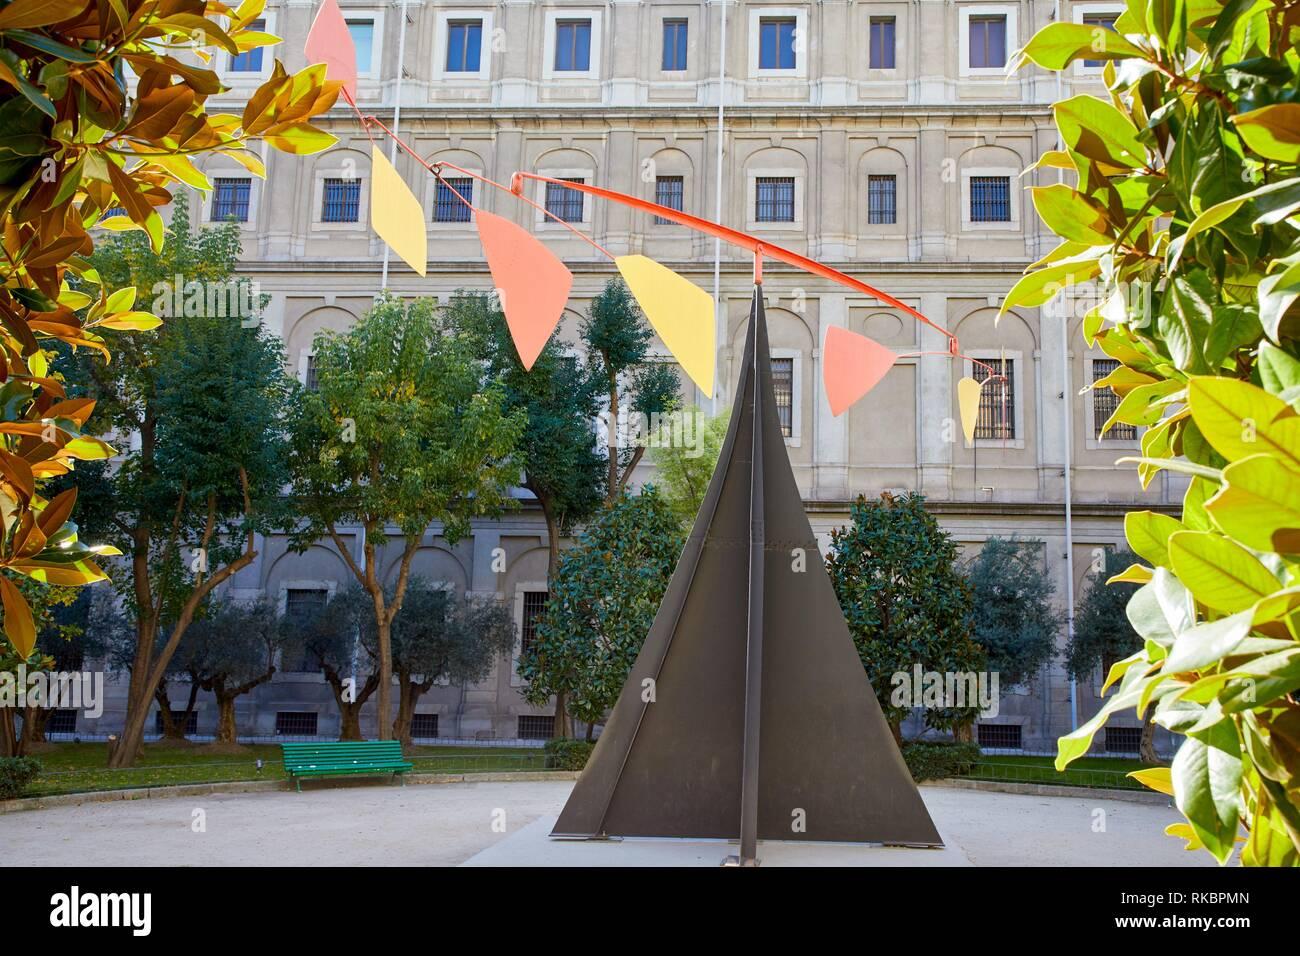 Carmen, 1974, Alexander Calder, Museo Nacional Centro de Arte Reina Sofia, Madrid, Spain, Europe - Stock Image